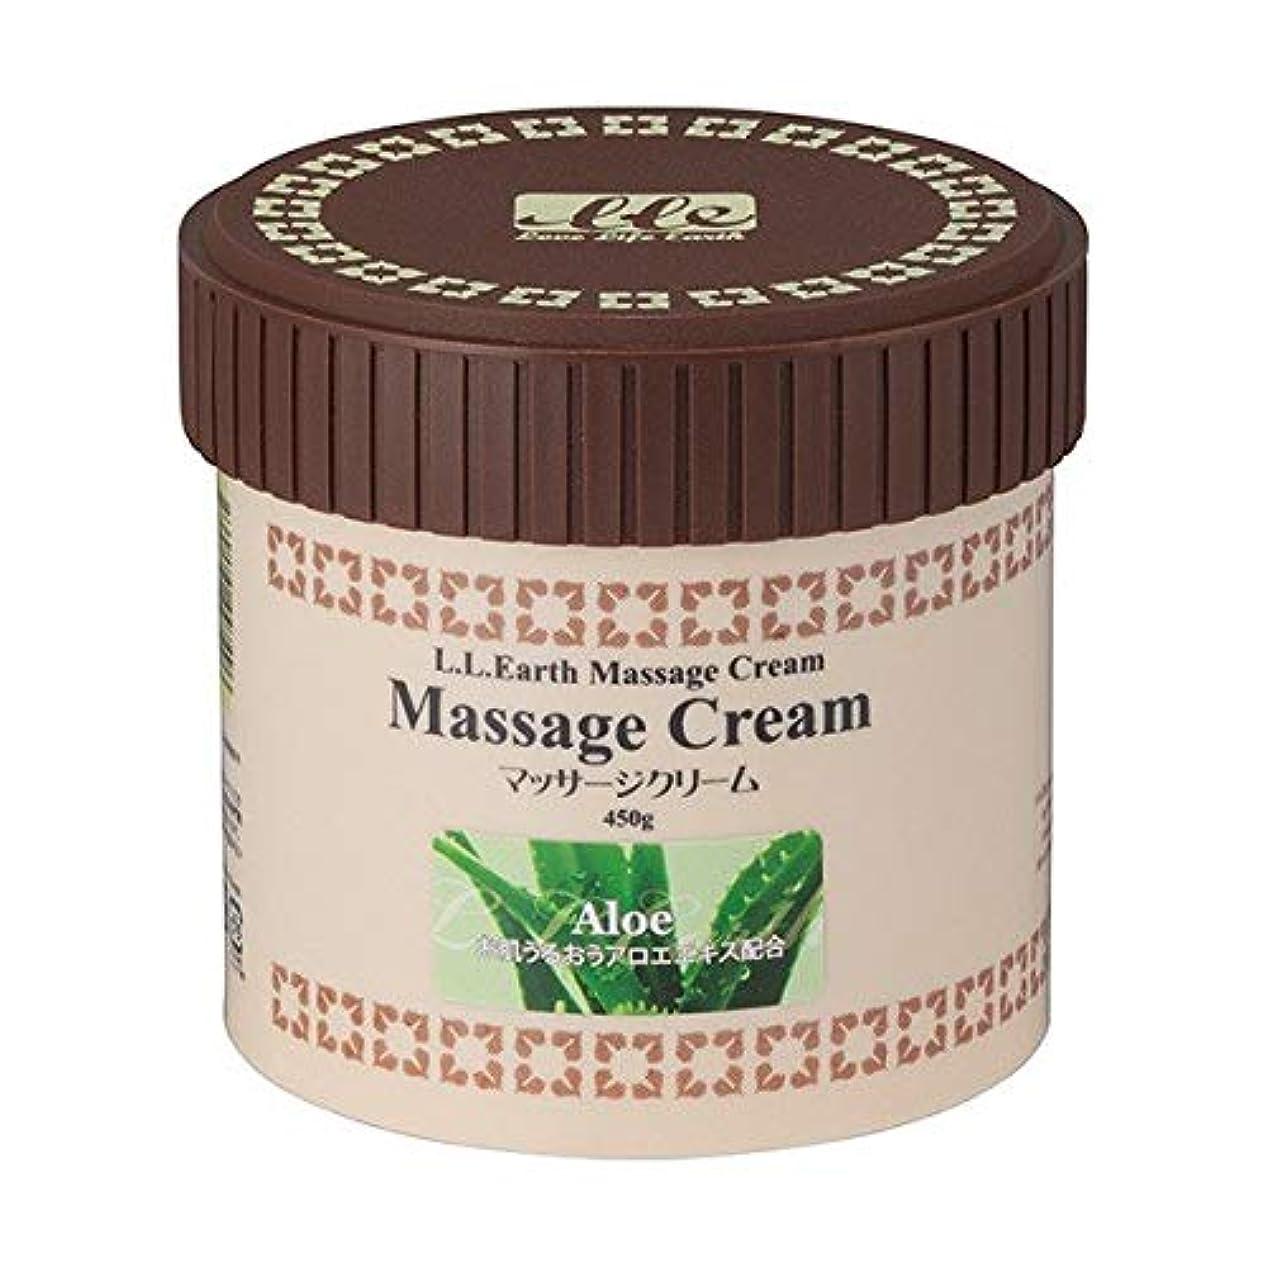 若い性交ウッズLLE ミネラルマッサージクリーム 業務用 450g (アロエ) マッサージクリーム エステ用品 サロン用品 リラクゼーション